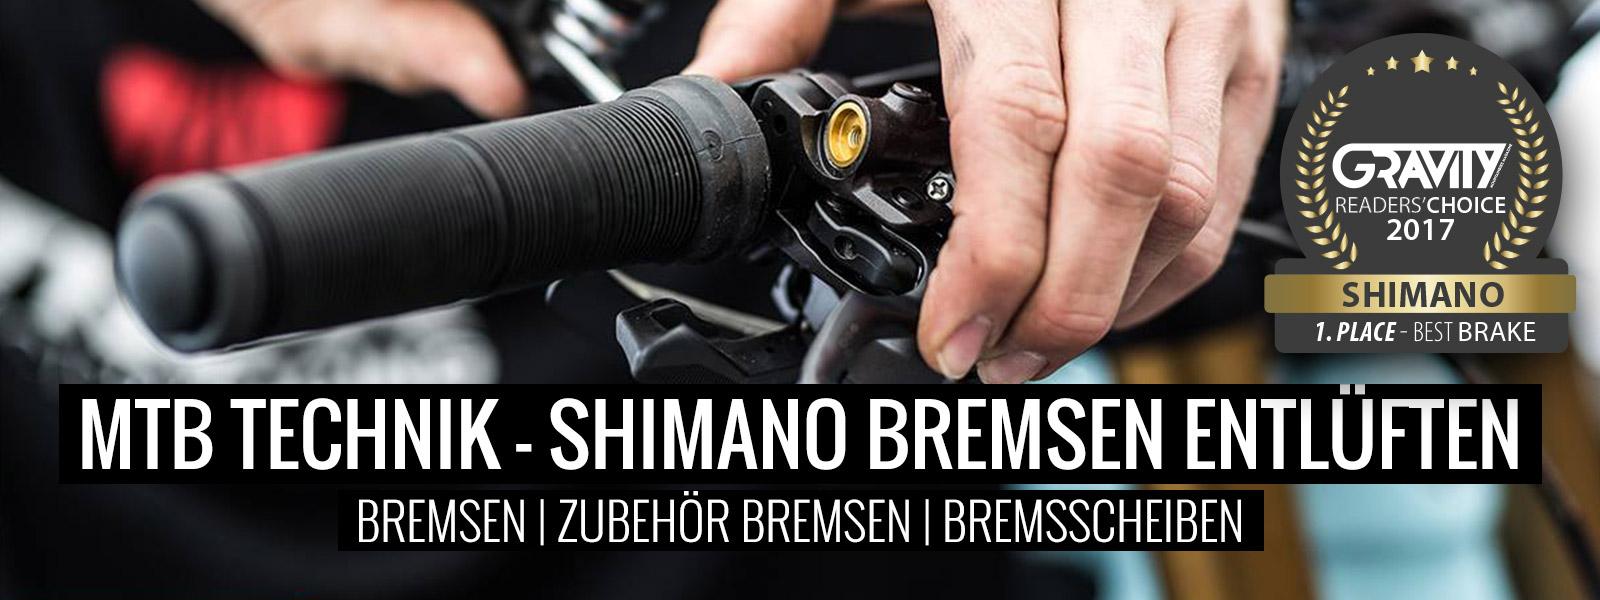 Shimano MTB Bremsen entlüften